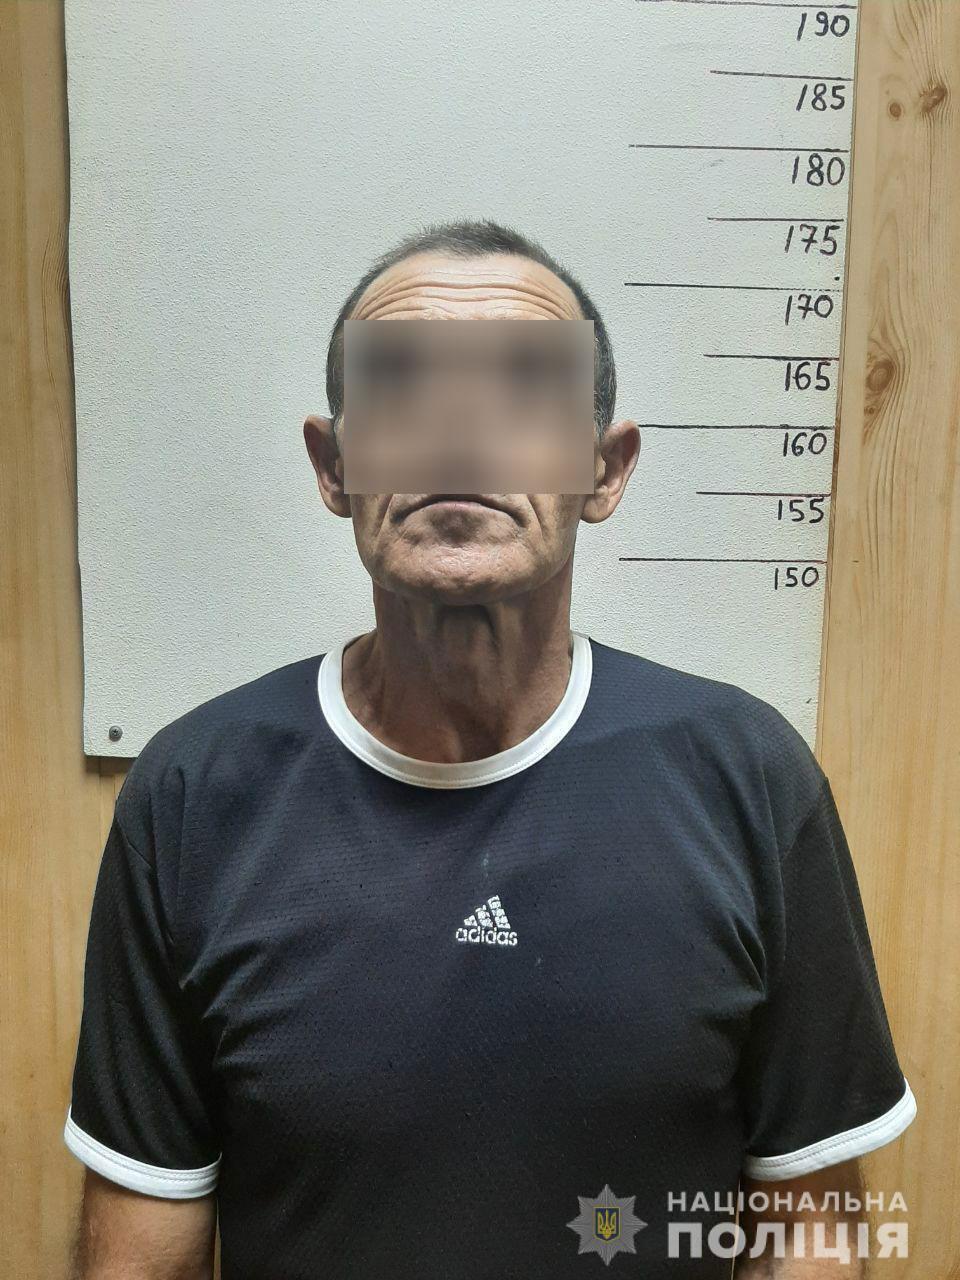 Задержан подозреваемый в двойном убийстве в Николаеве.